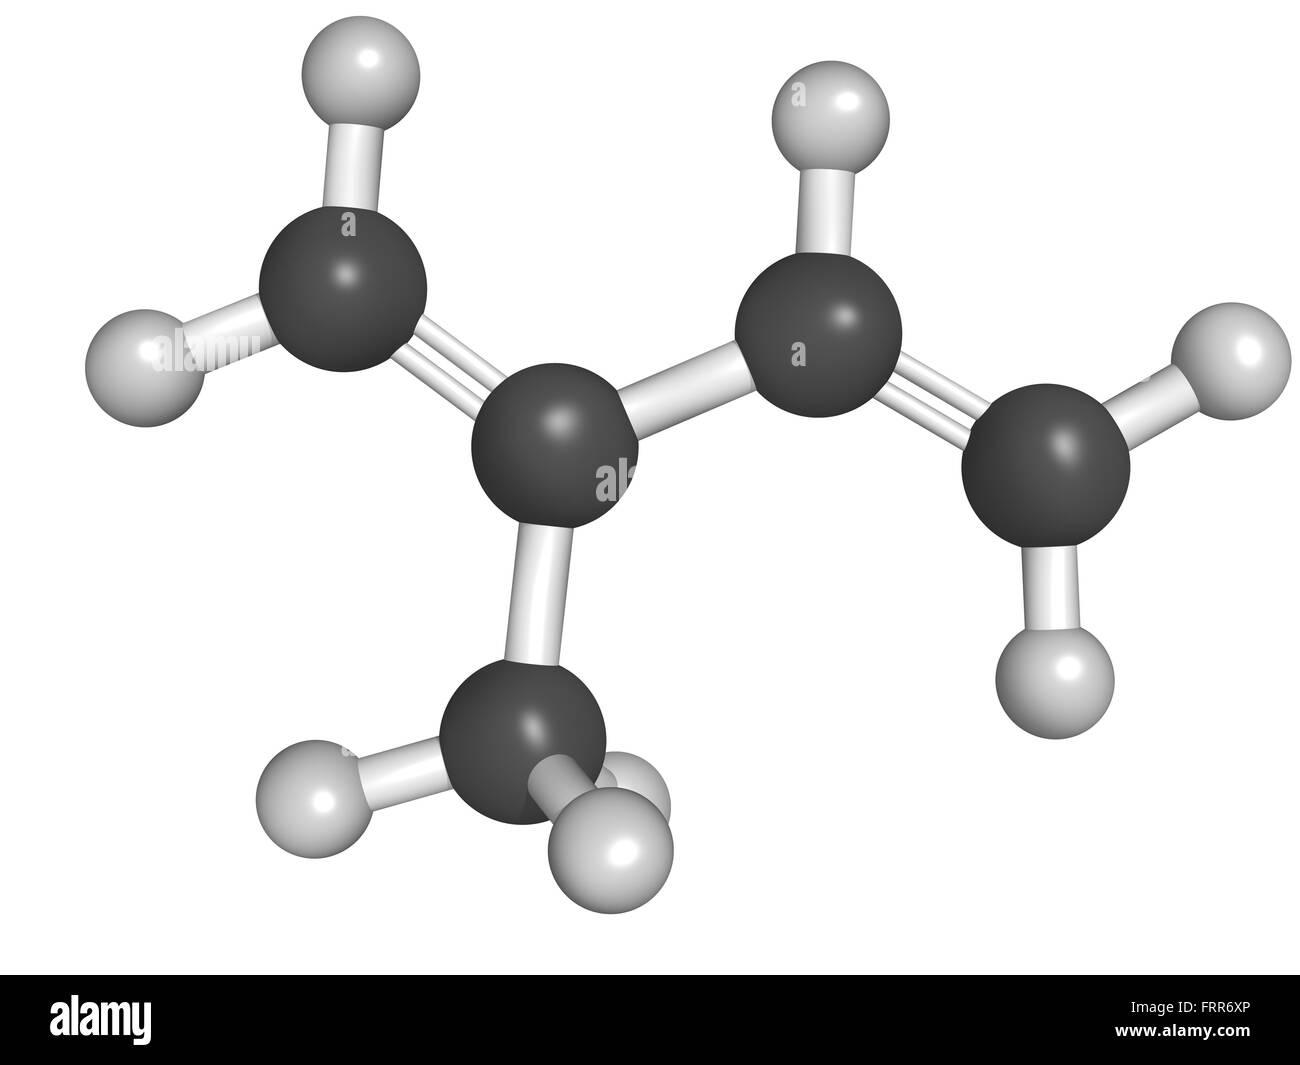 Chemical structure of isoprene, rubber (polyisoprene) building block